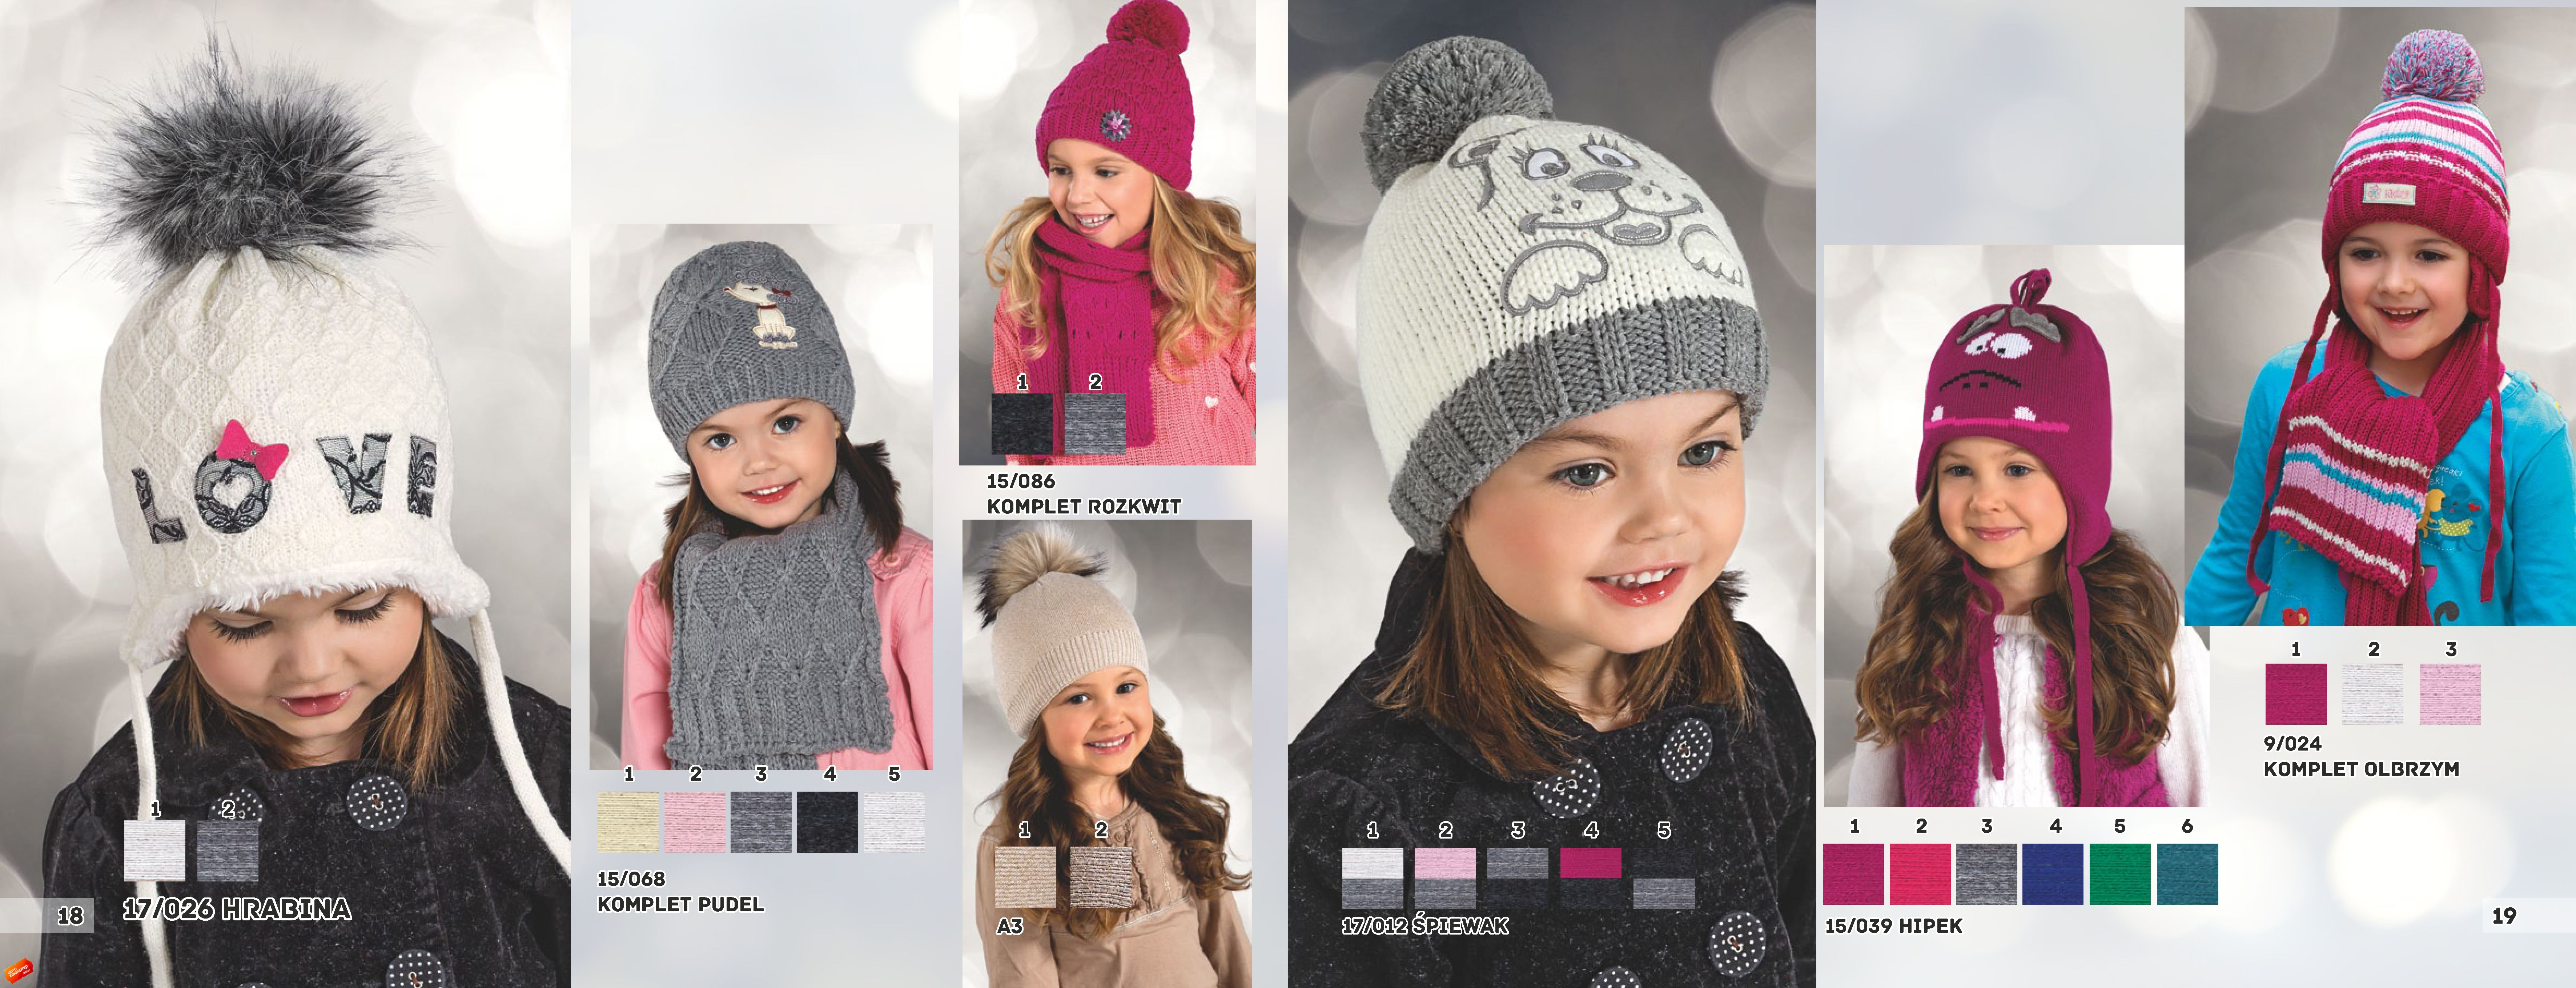 Сбор заказов.Очень красивые польские шапки Rасtеr.зима 2015-2016.размеры от 38 до 58.без рядов.5 выкуп